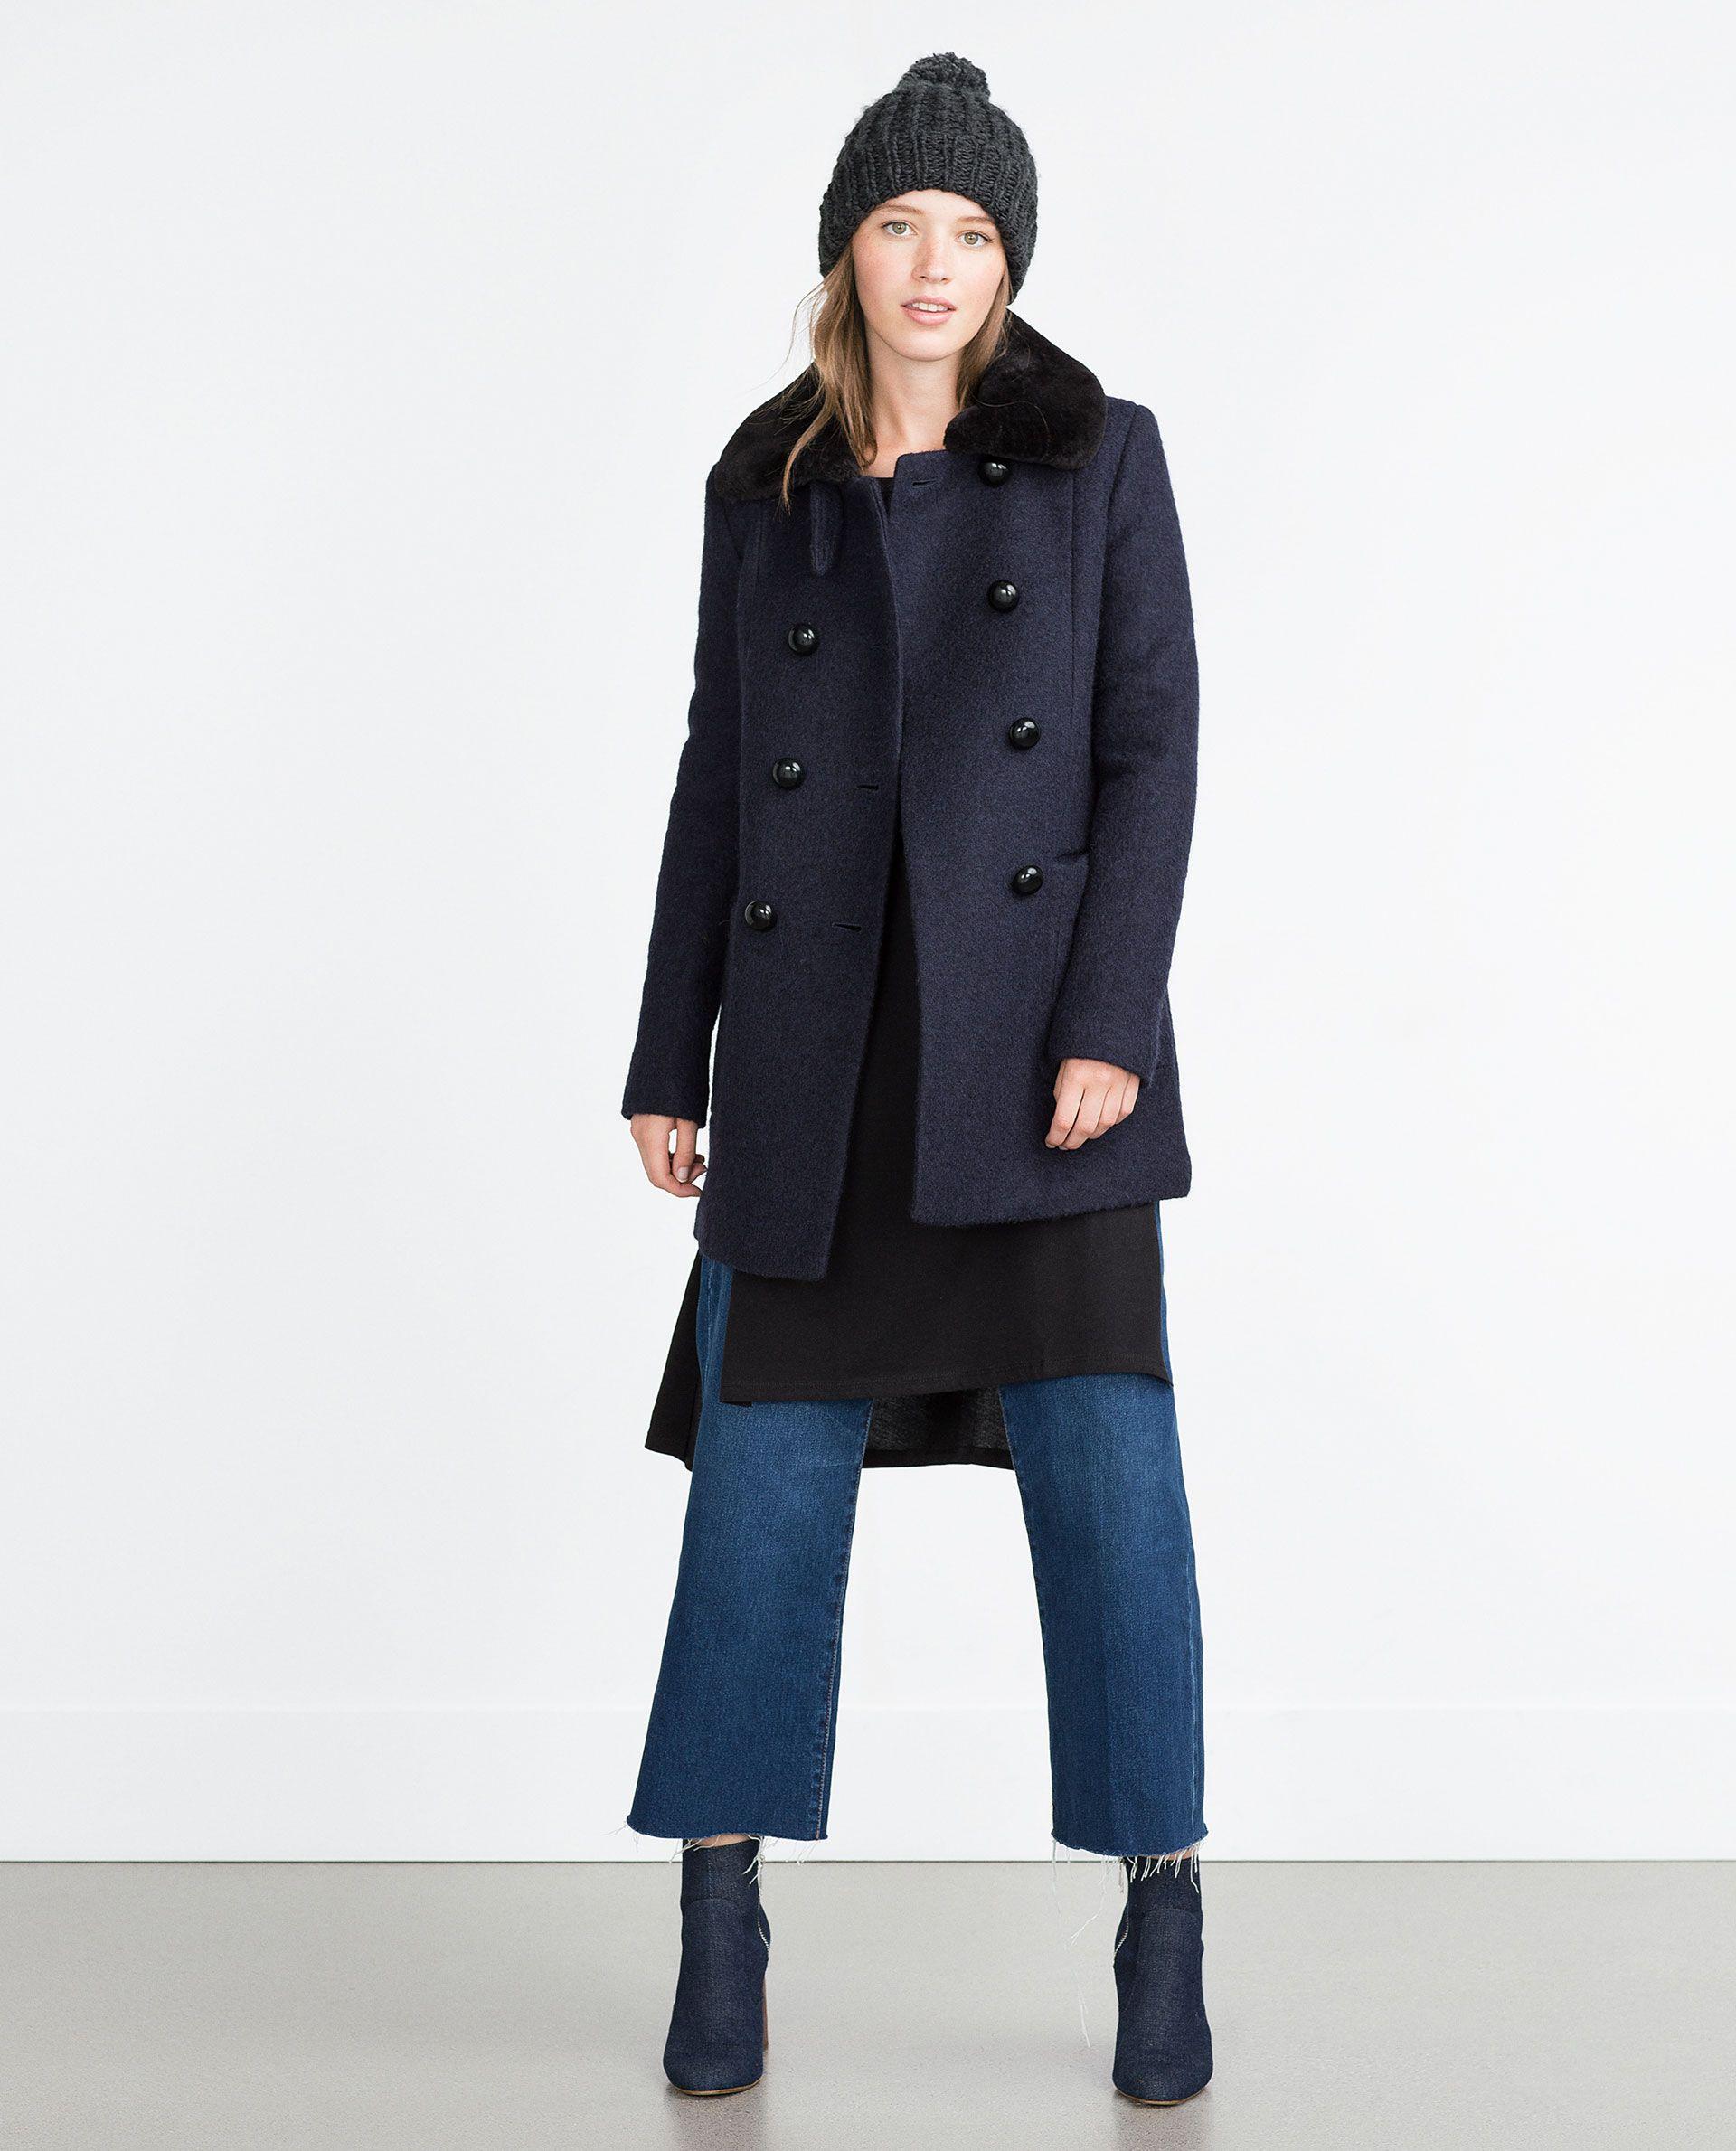 ZARA - WOMAN - MASCULINE COAT